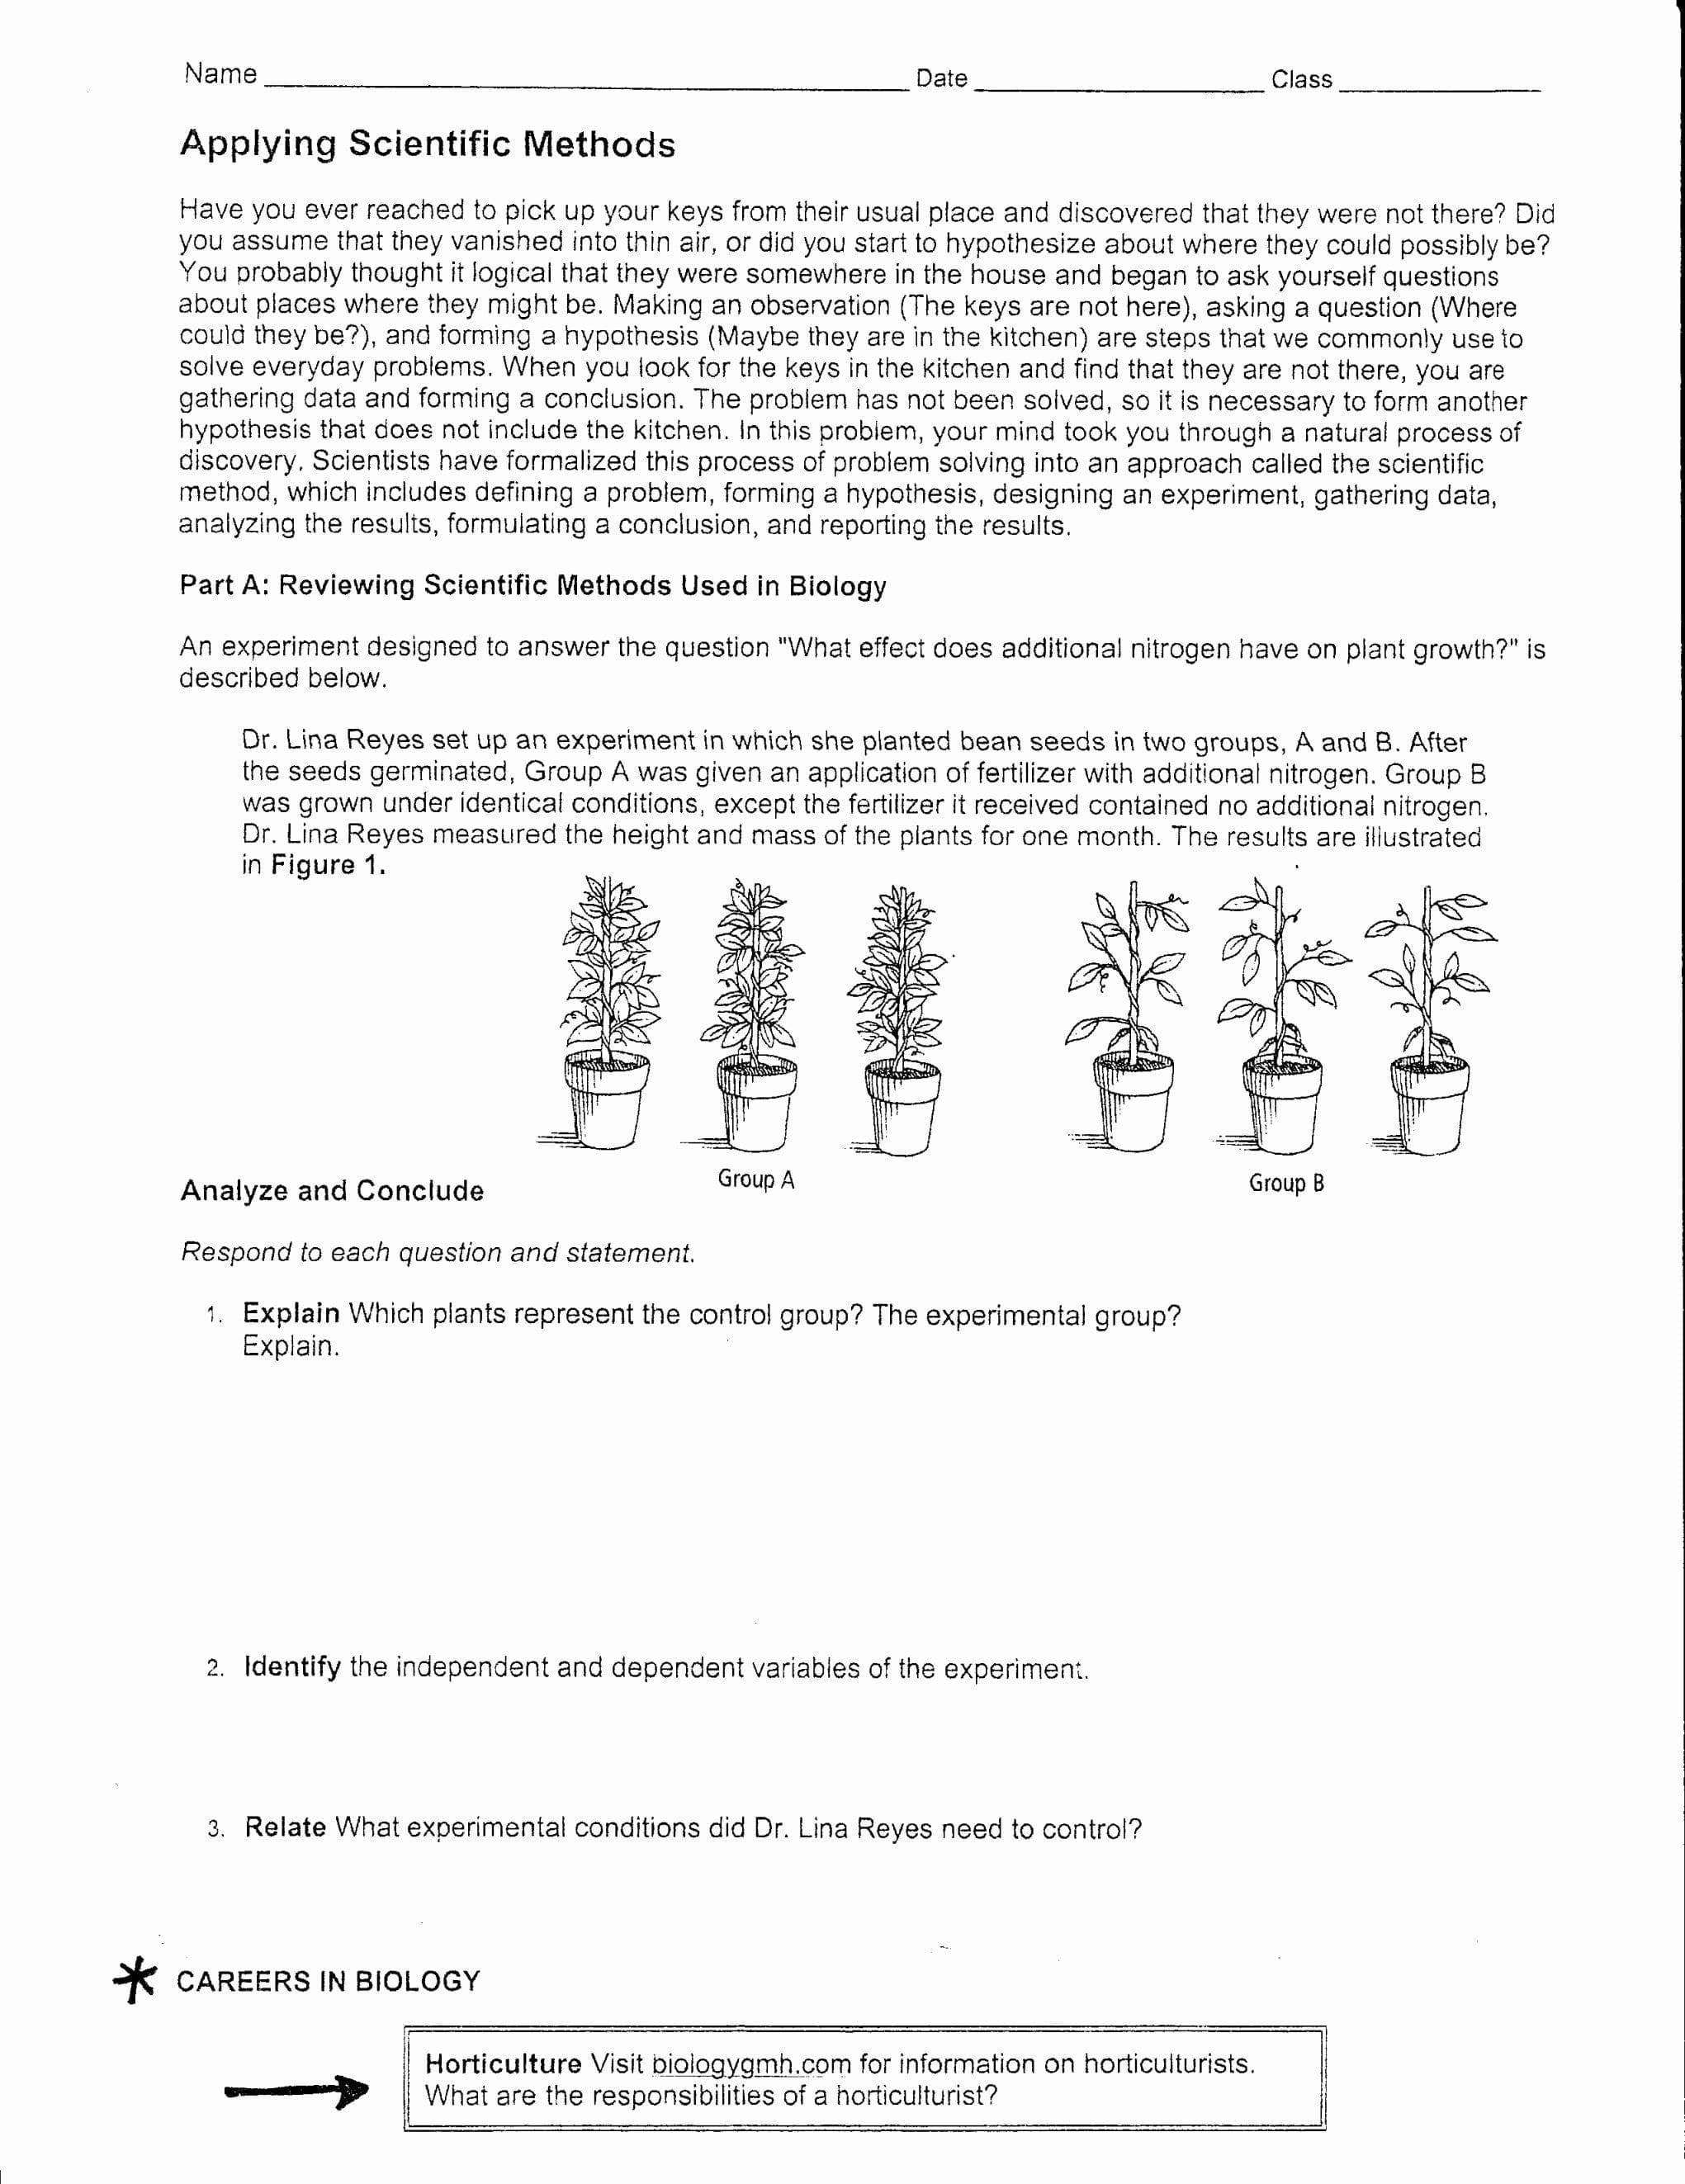 Scientific Method Practice Worksheet  Yooob With Regard To Scientific Method Worksheet High School